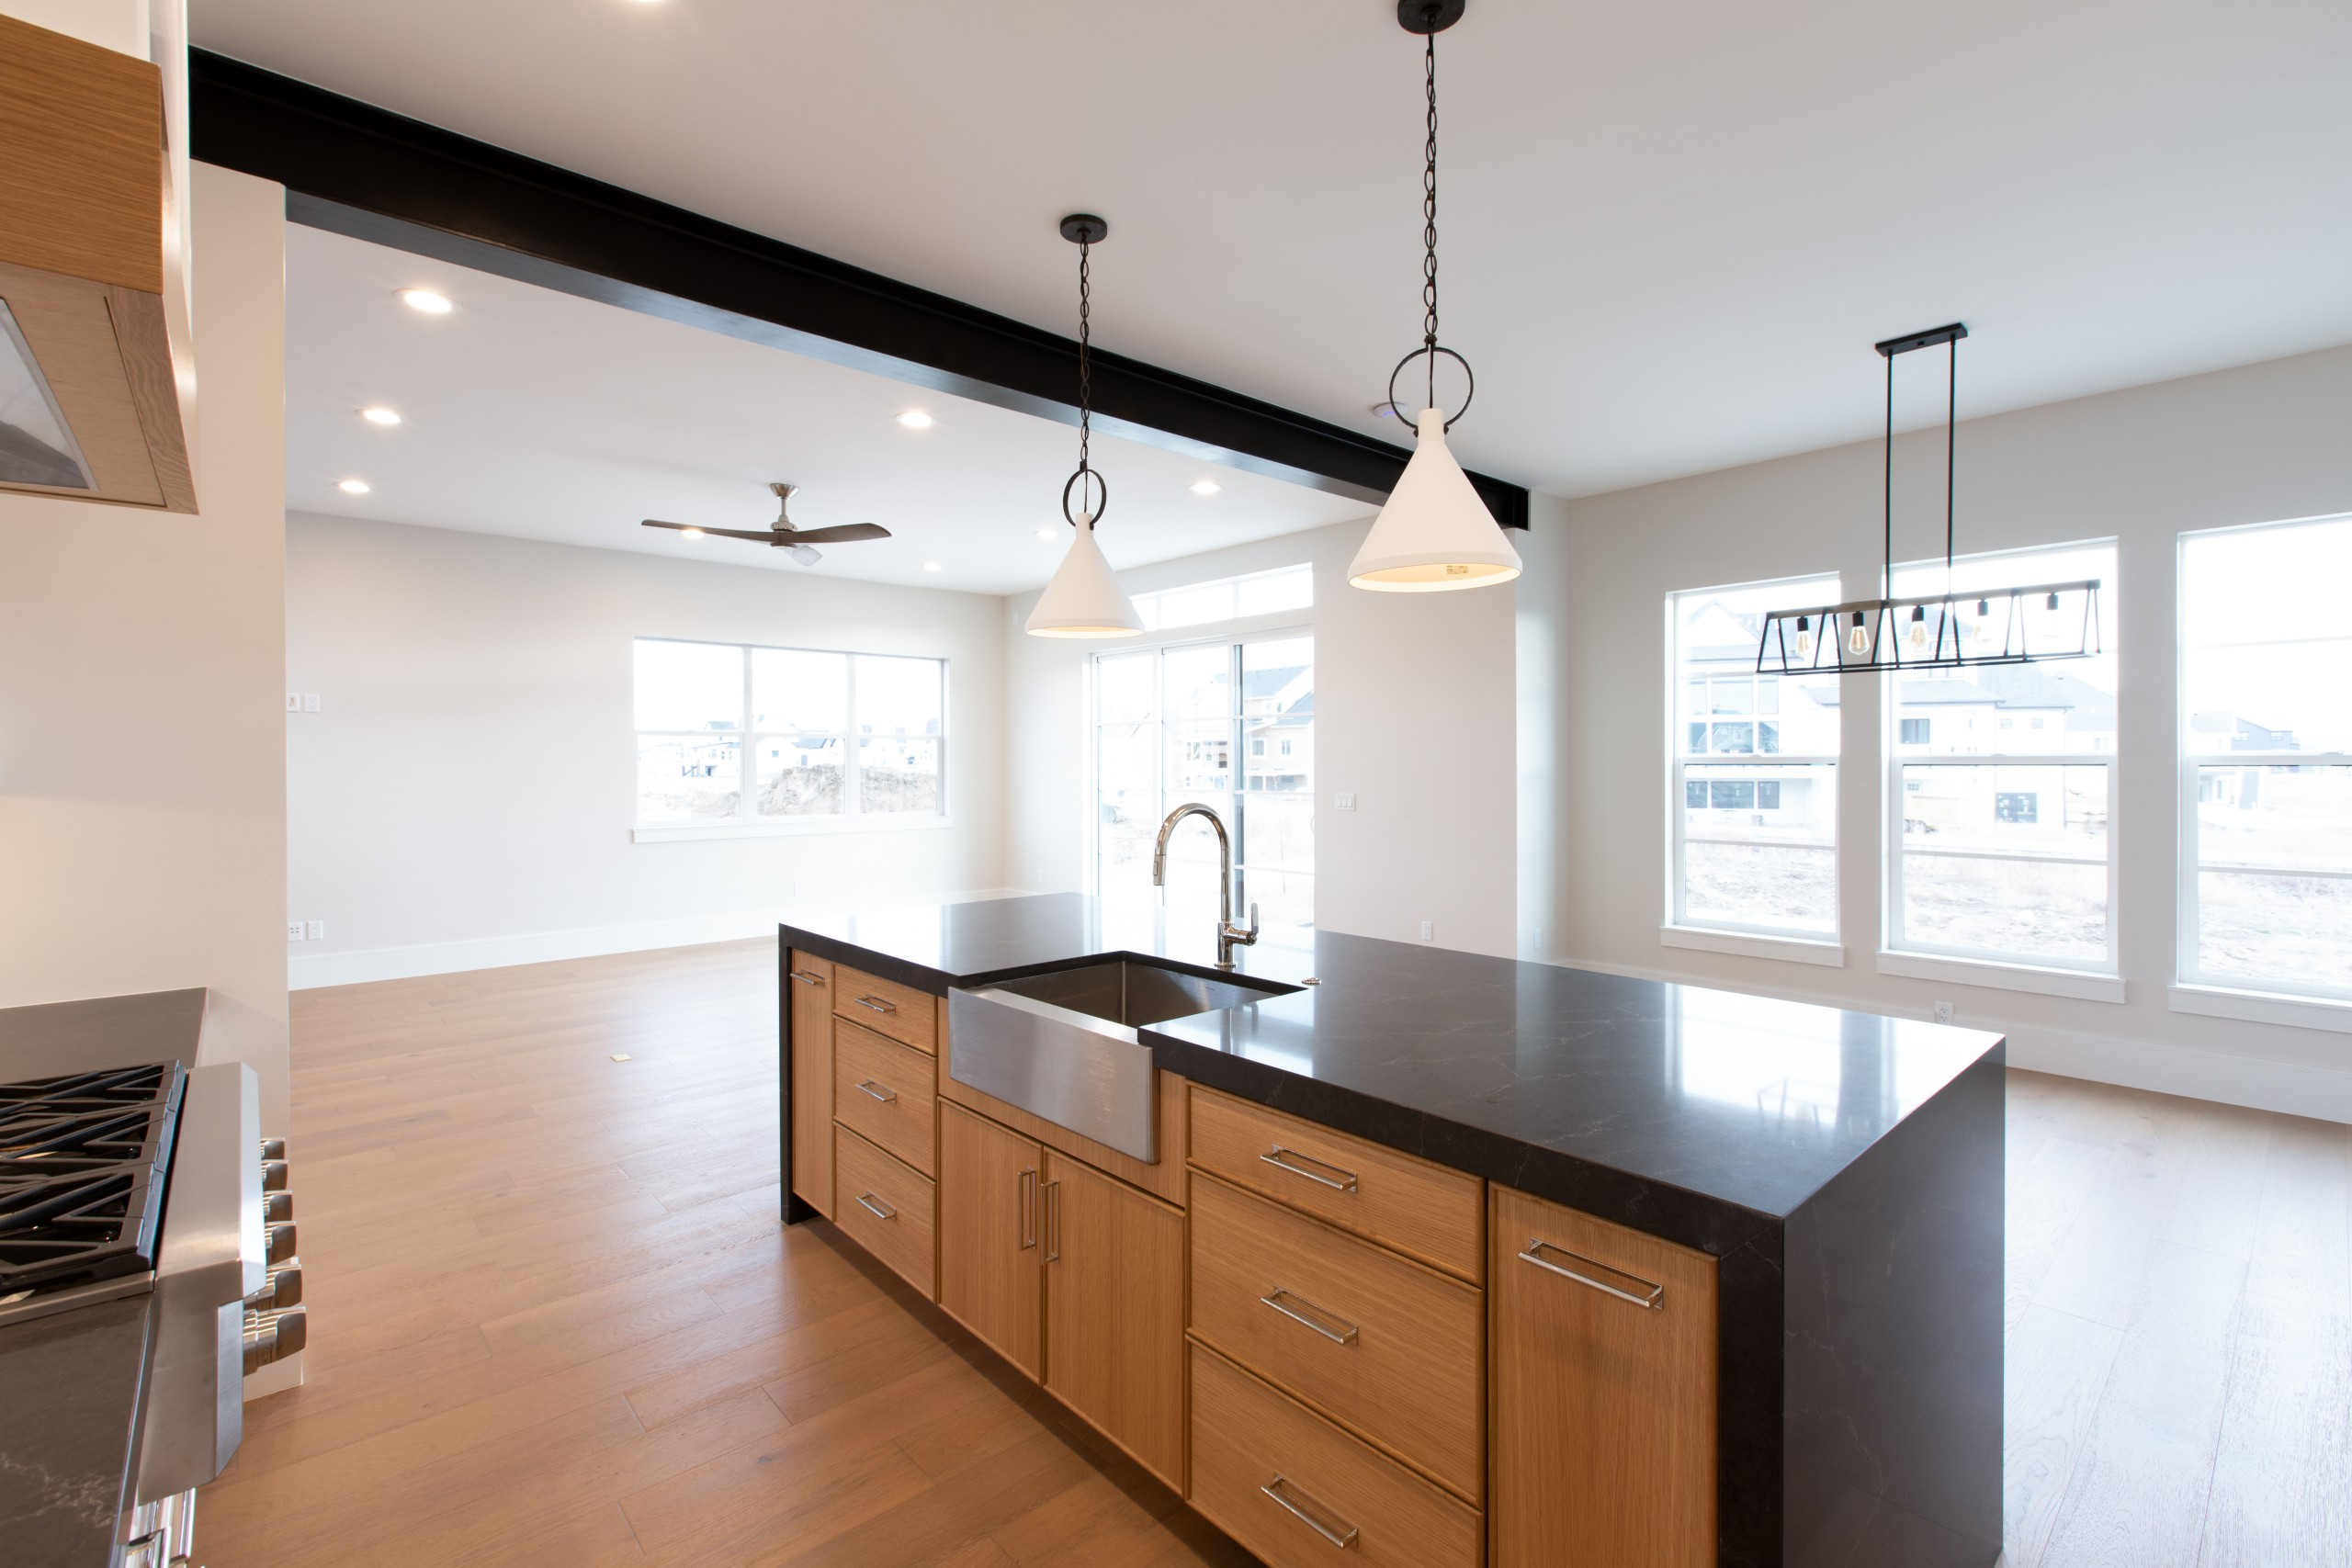 Interior Photography: Kitchen Sink Wide